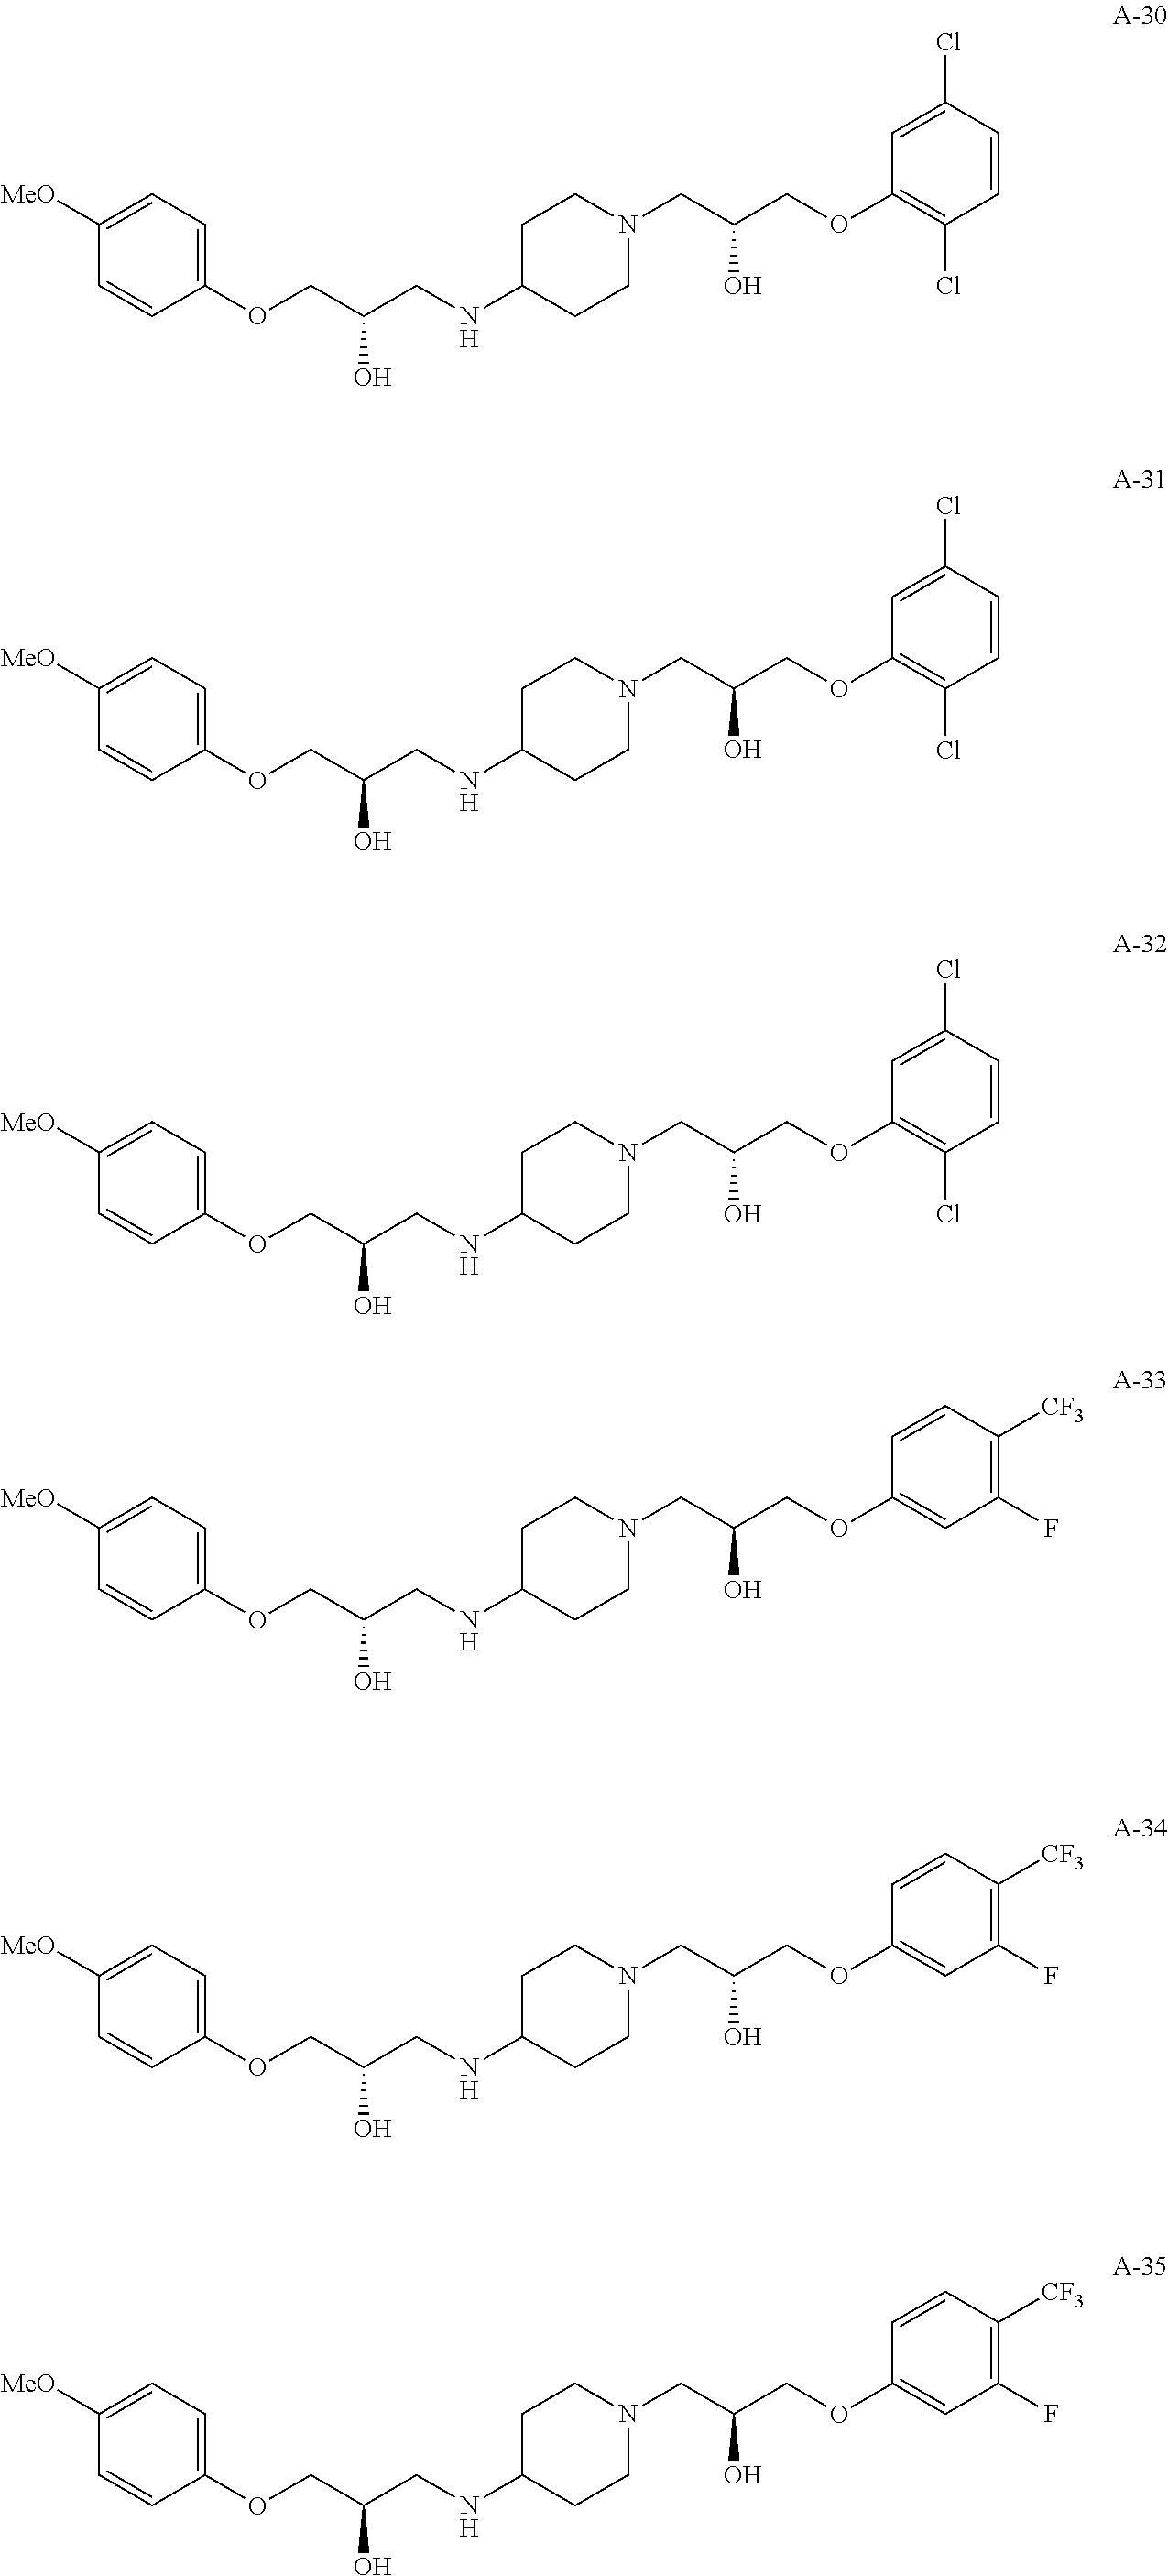 Figure US20190100493A1-20190404-C00010